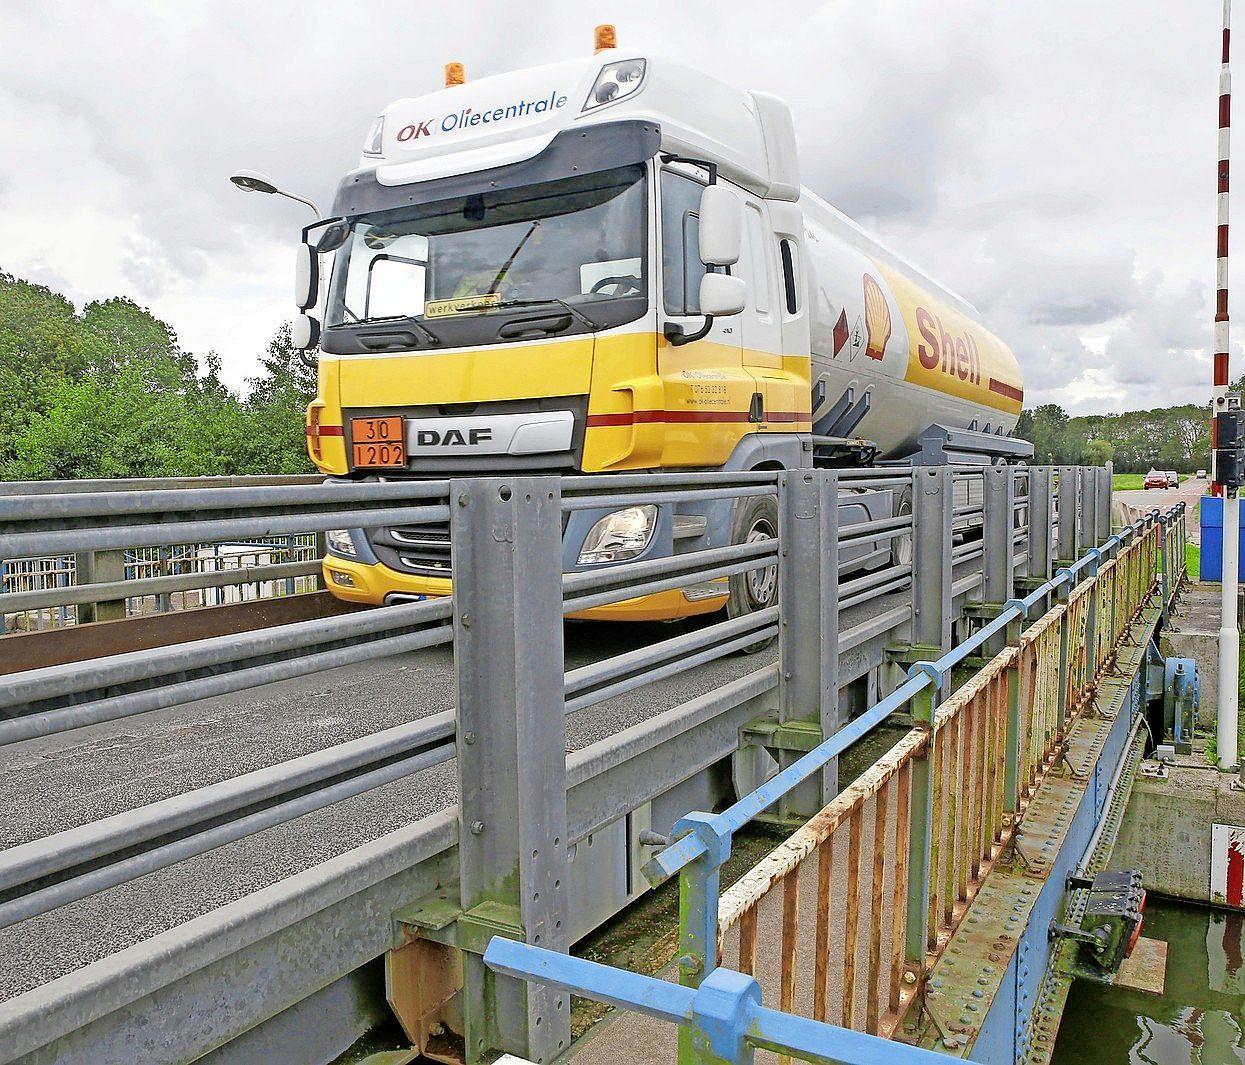 Schuttevaer pleit voor een beweegbare brug bij Kolhorn. De gemeente Hollands Kroon ziet de noodzaak hiervan niet